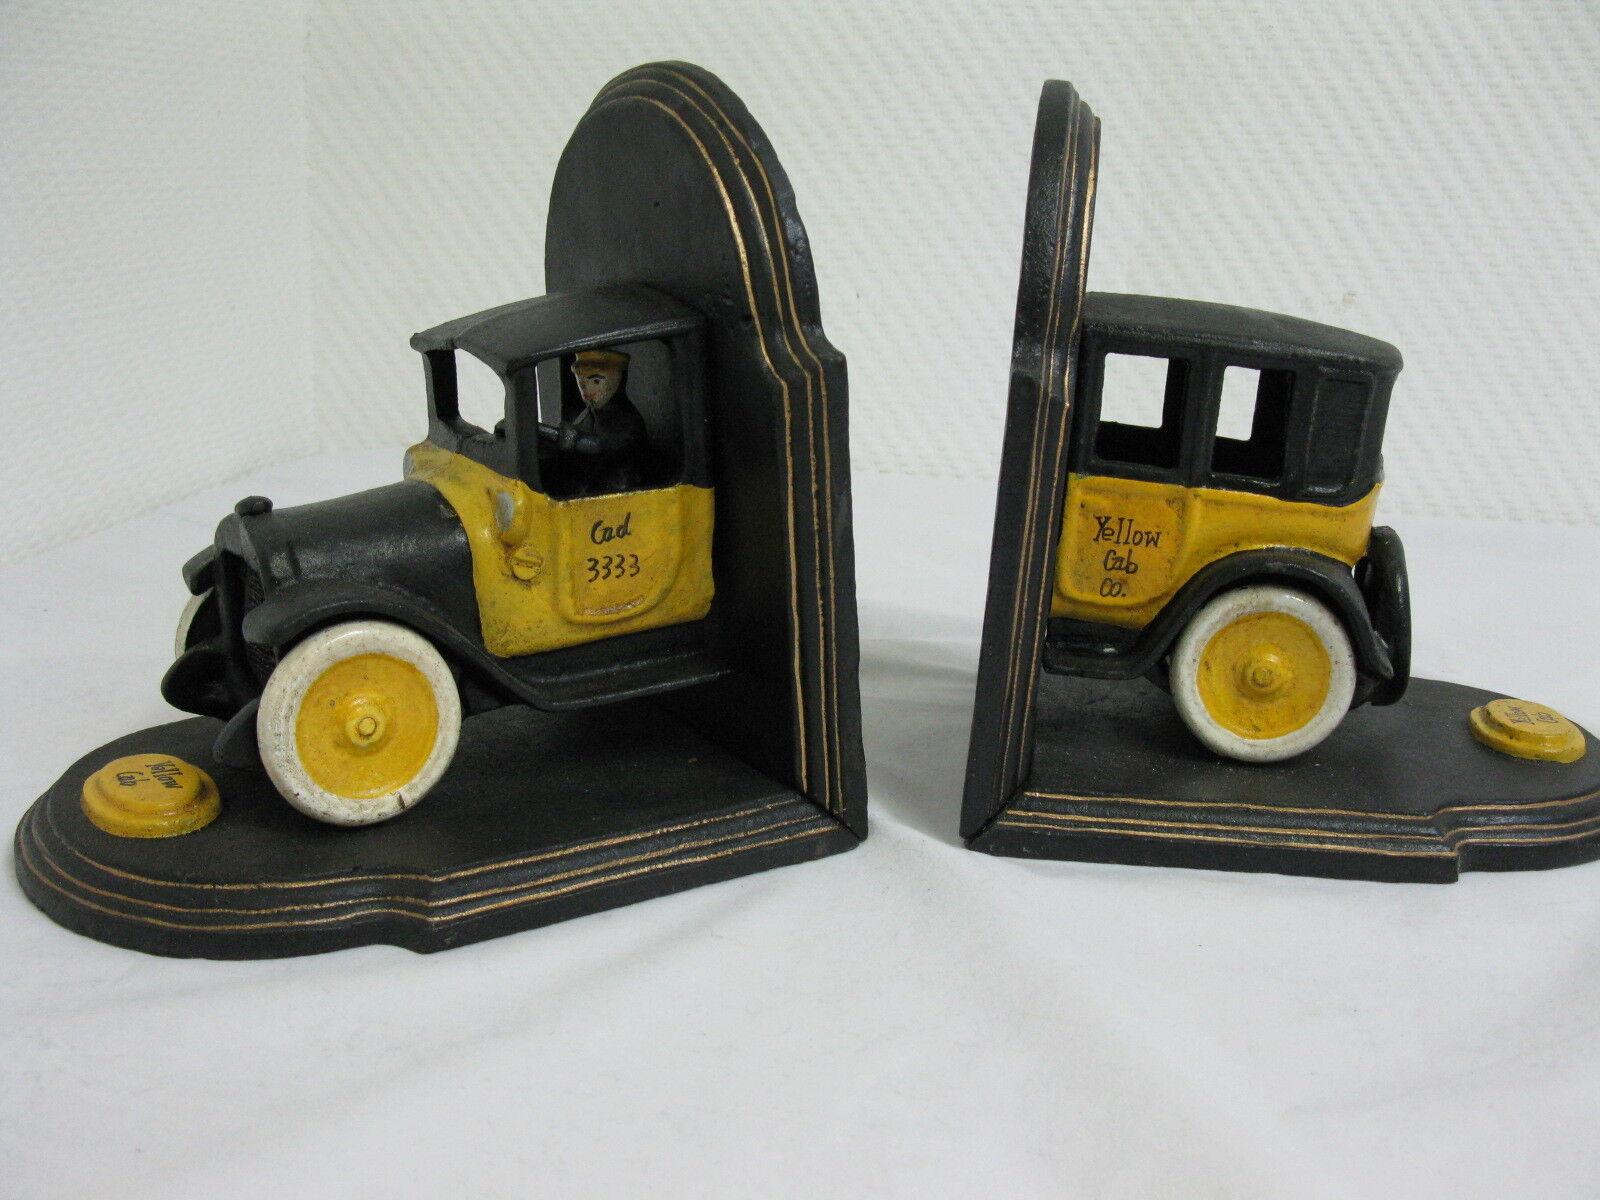 Buchstützen Set Taxi yello  Gußeisen  6 Kg Yello Cab